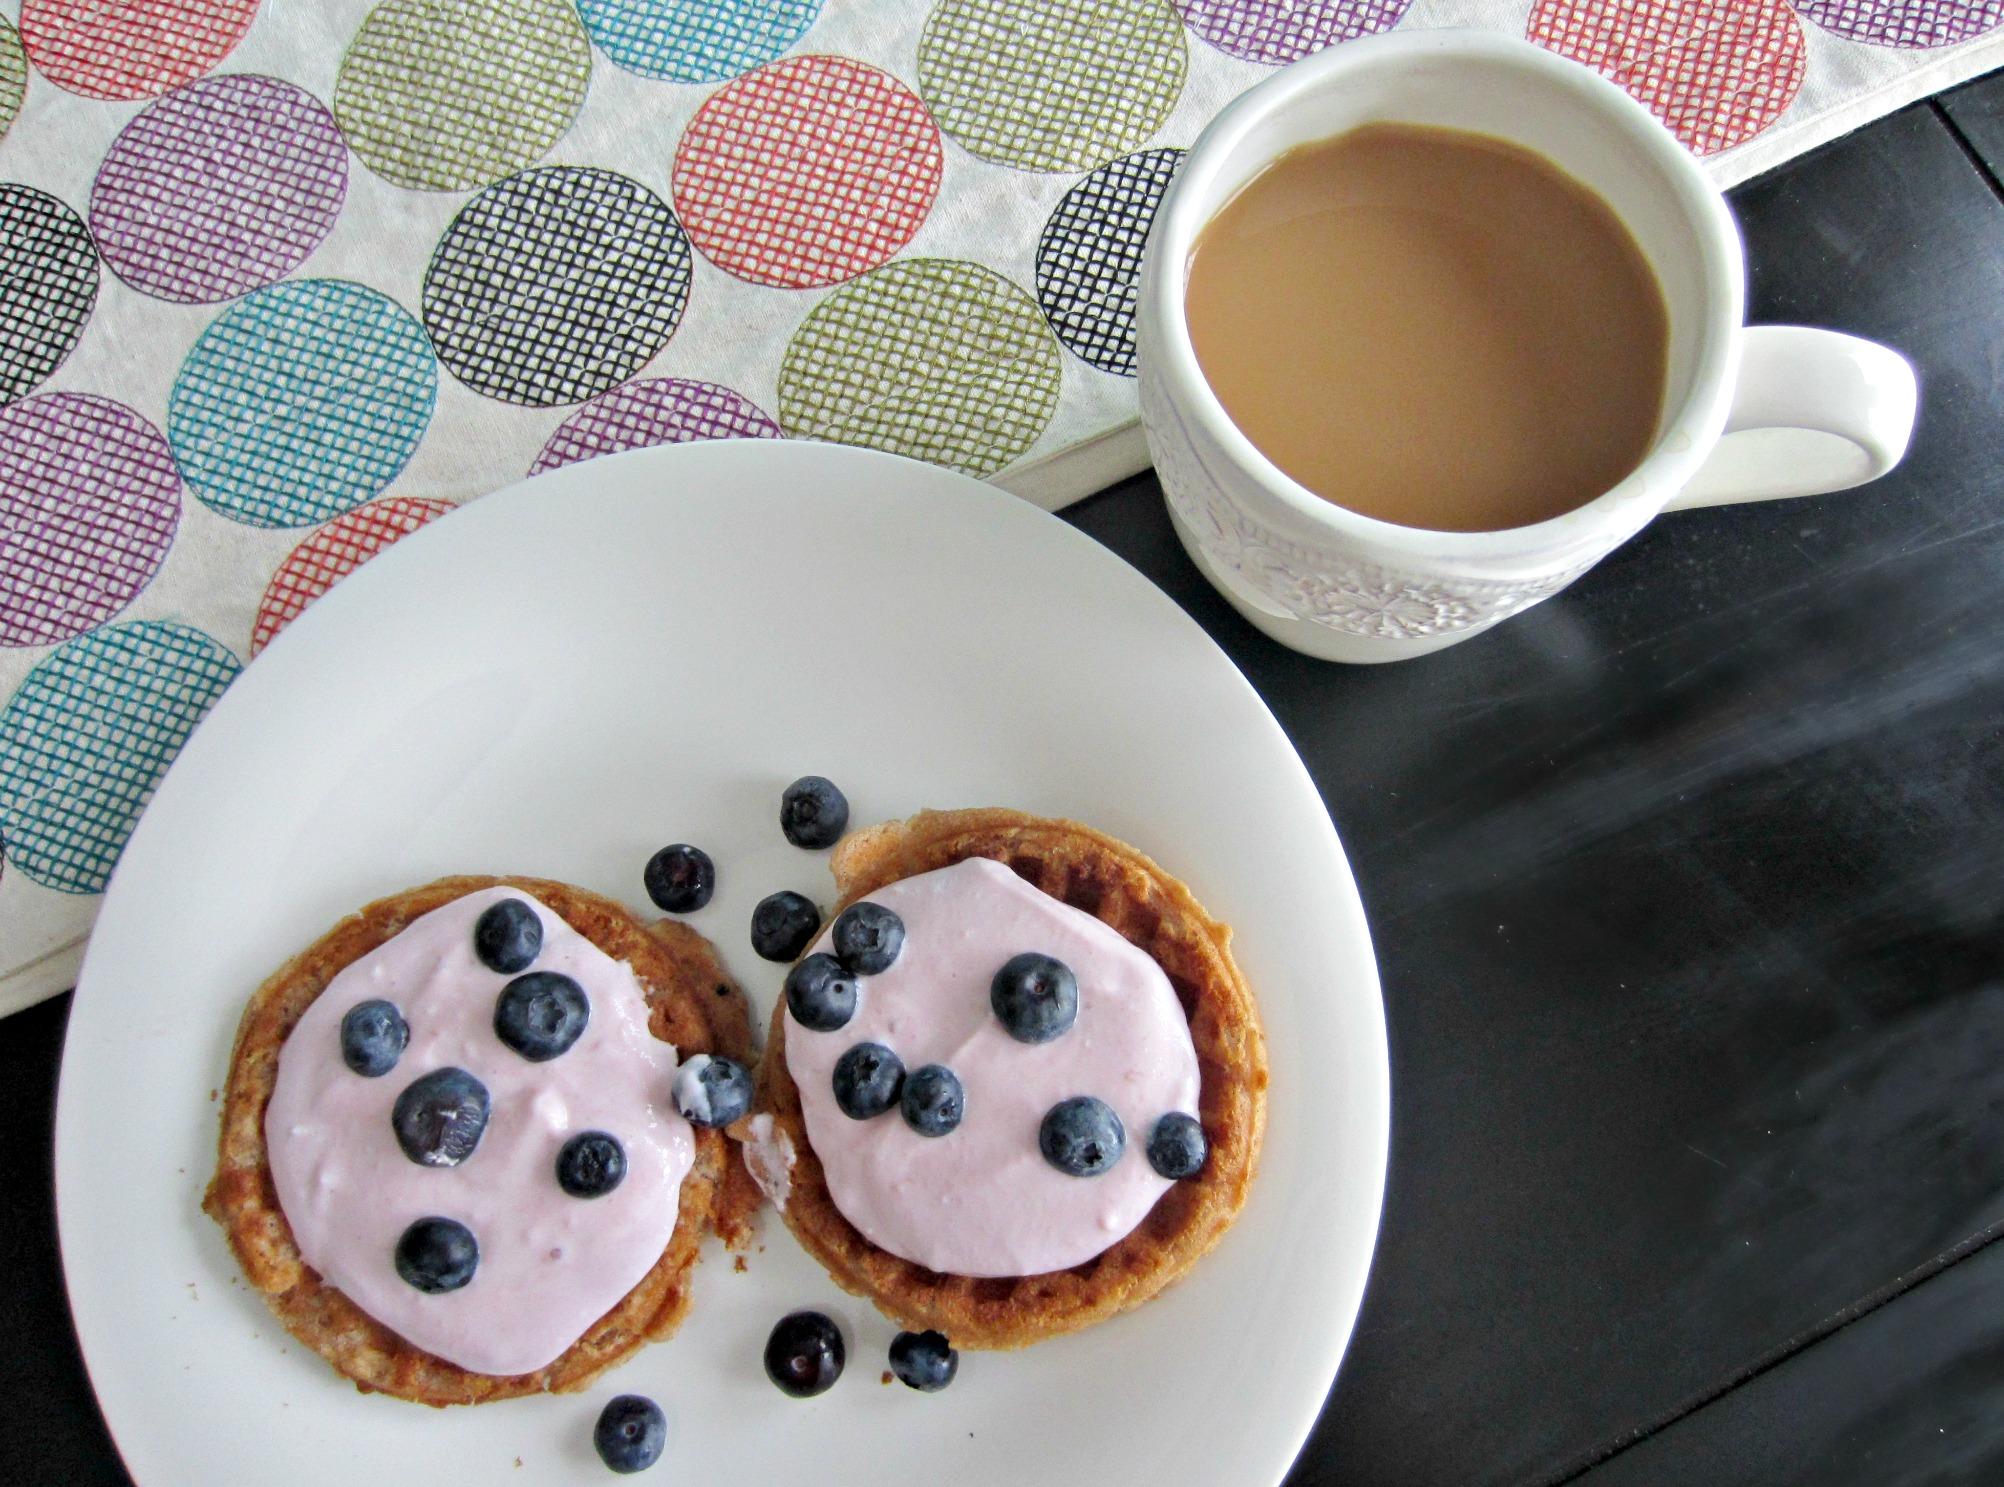 gluten free waffles with yogurt and berries